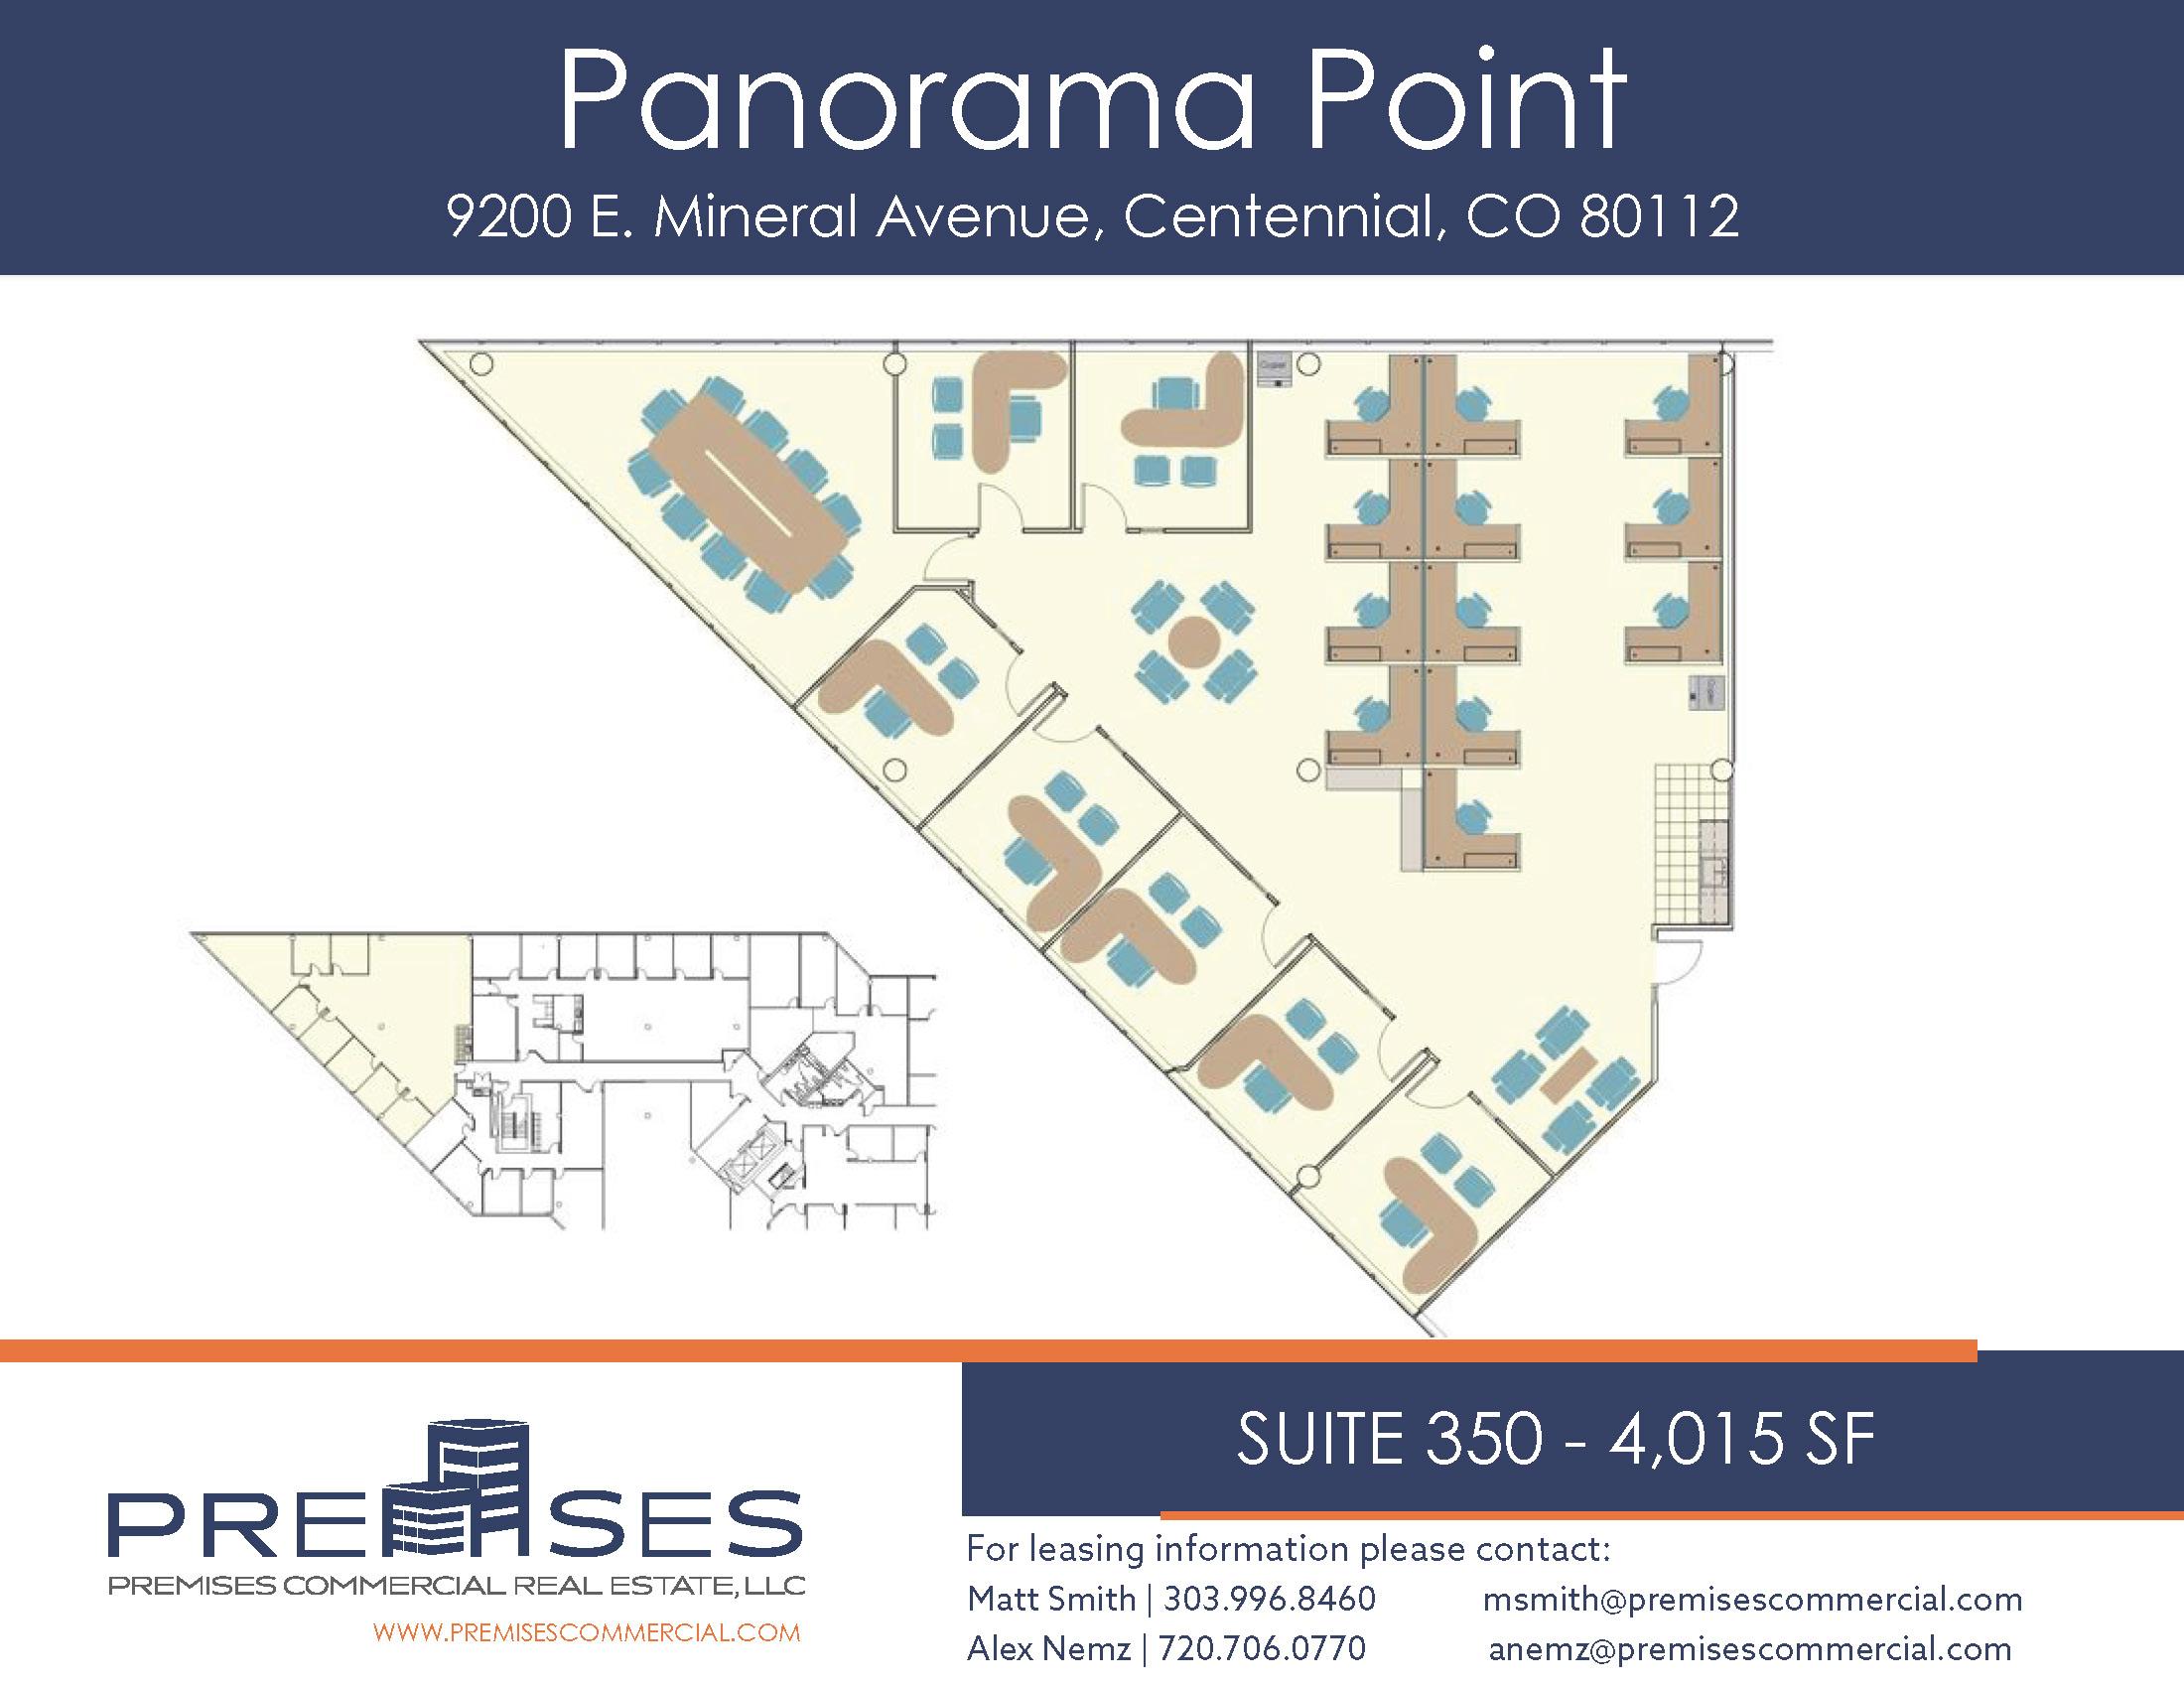 Spec Suite 350 - 4,015 sf